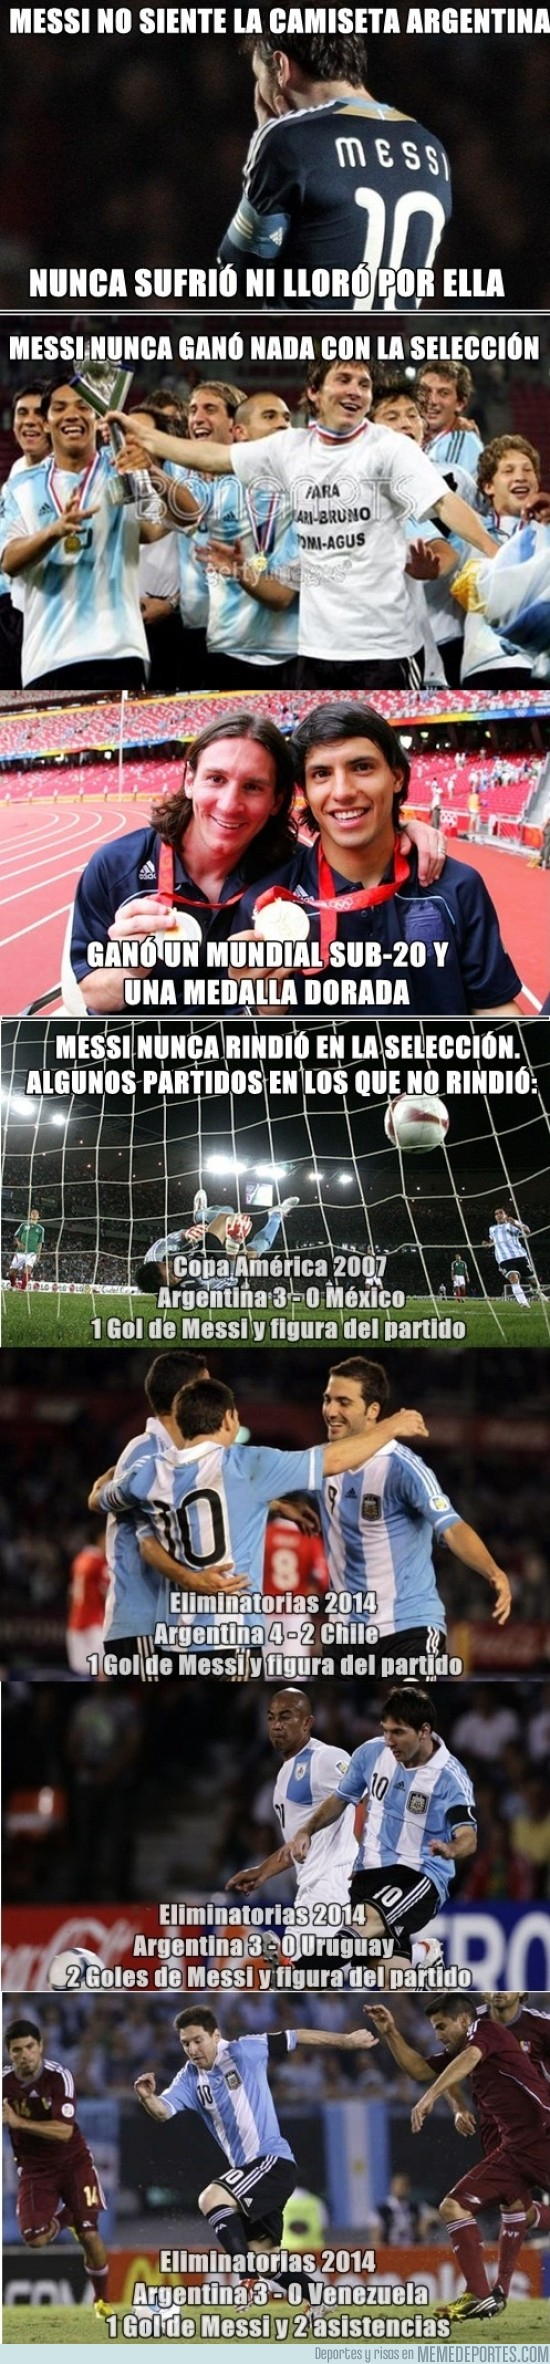 117155 - Messi, el peor jugador del mundo